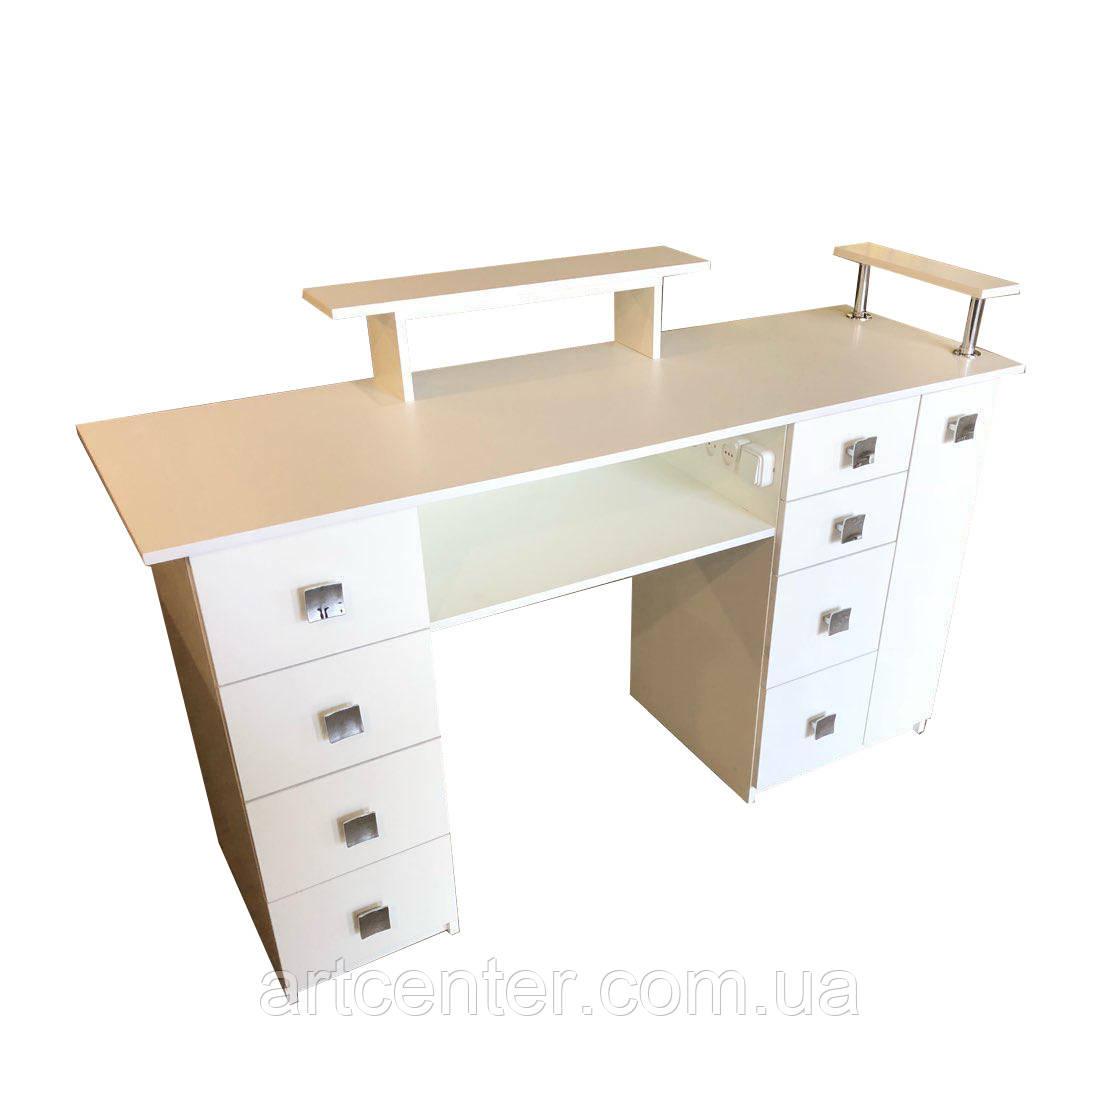 Стол для маникюра, маникюрный стол белый с 8 ящиками и карго